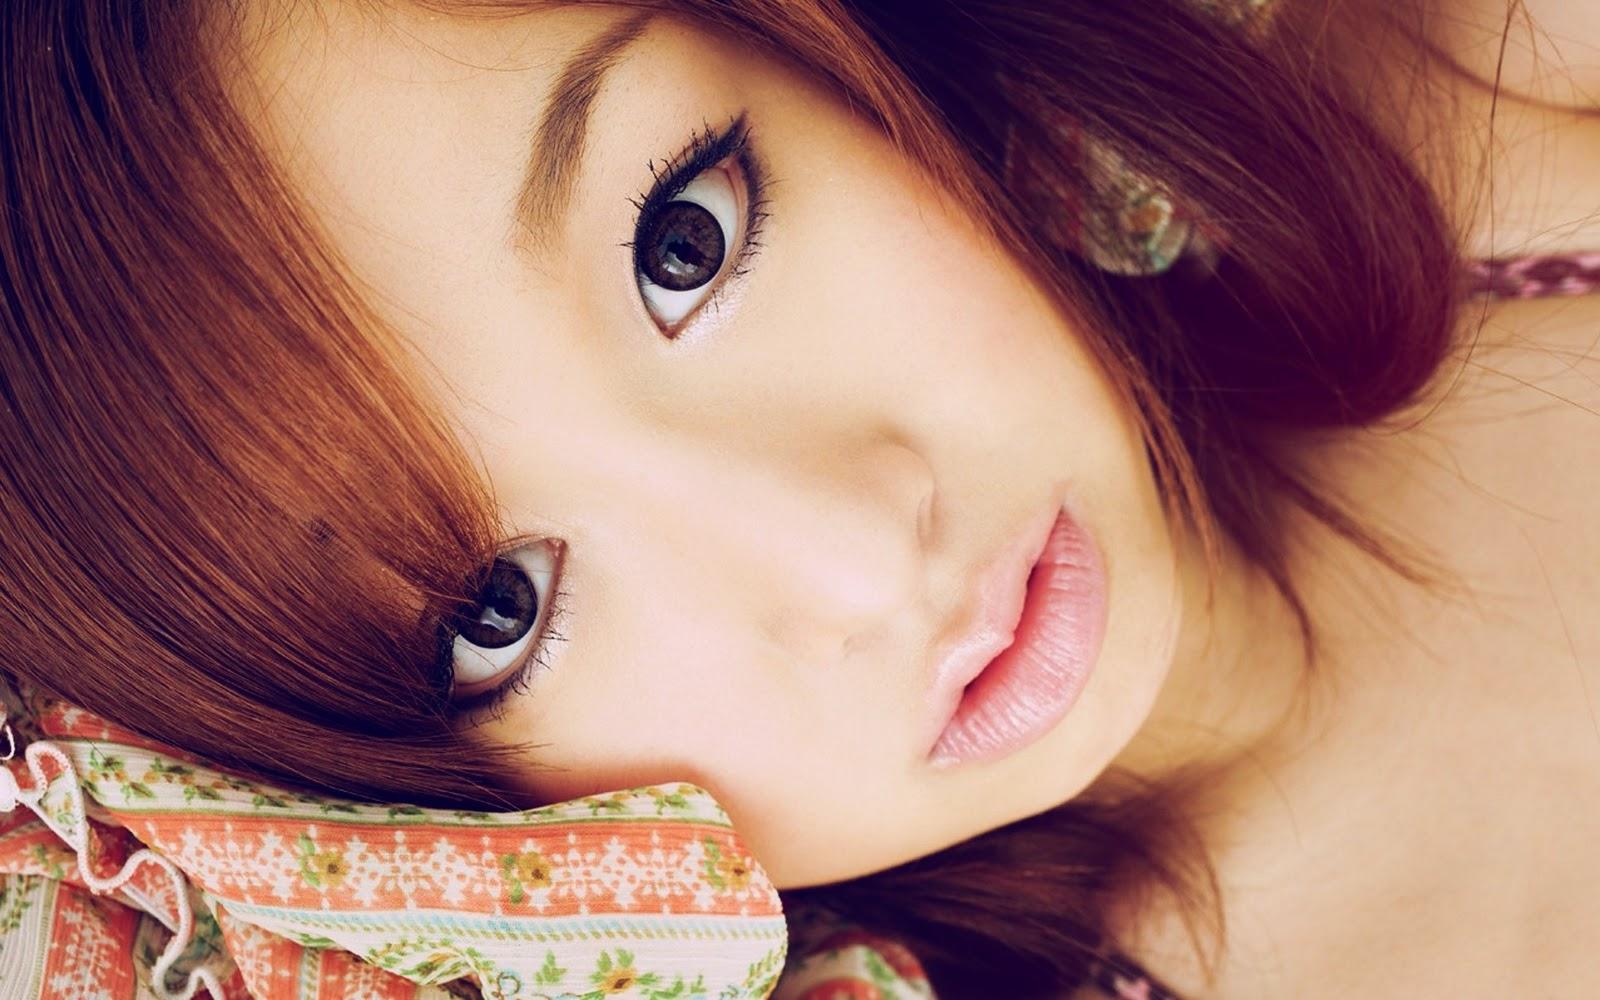 ... de Chicas Japonesas en HD - Fondos de Pantalla de Chicas Japonesas